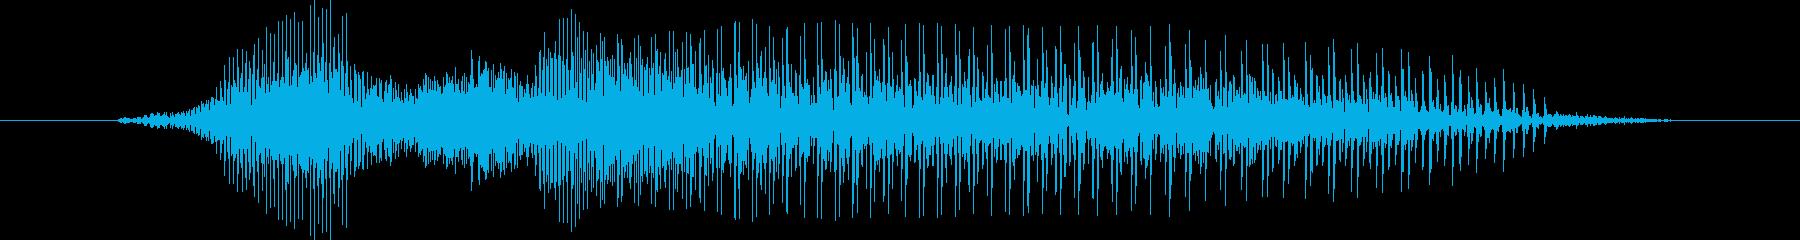 よっしゃー!!(威勢よく)の再生済みの波形